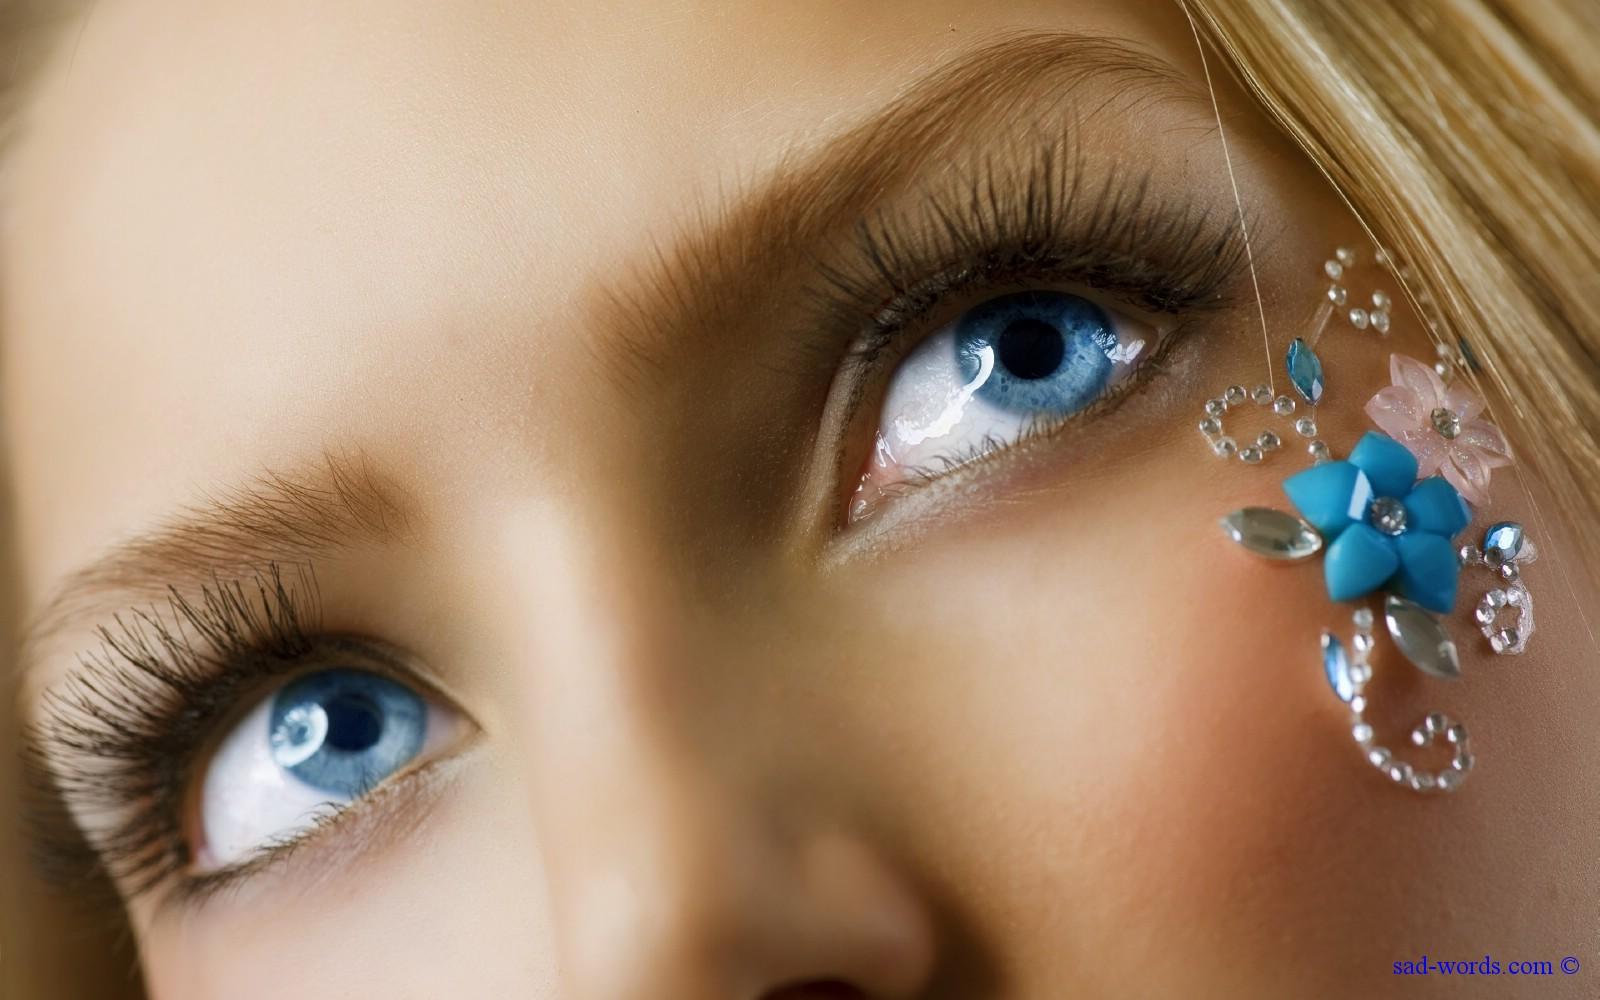 بالصور صور اجمل عيون بنات , اجمل عيون في الدنيا كله 11730 2